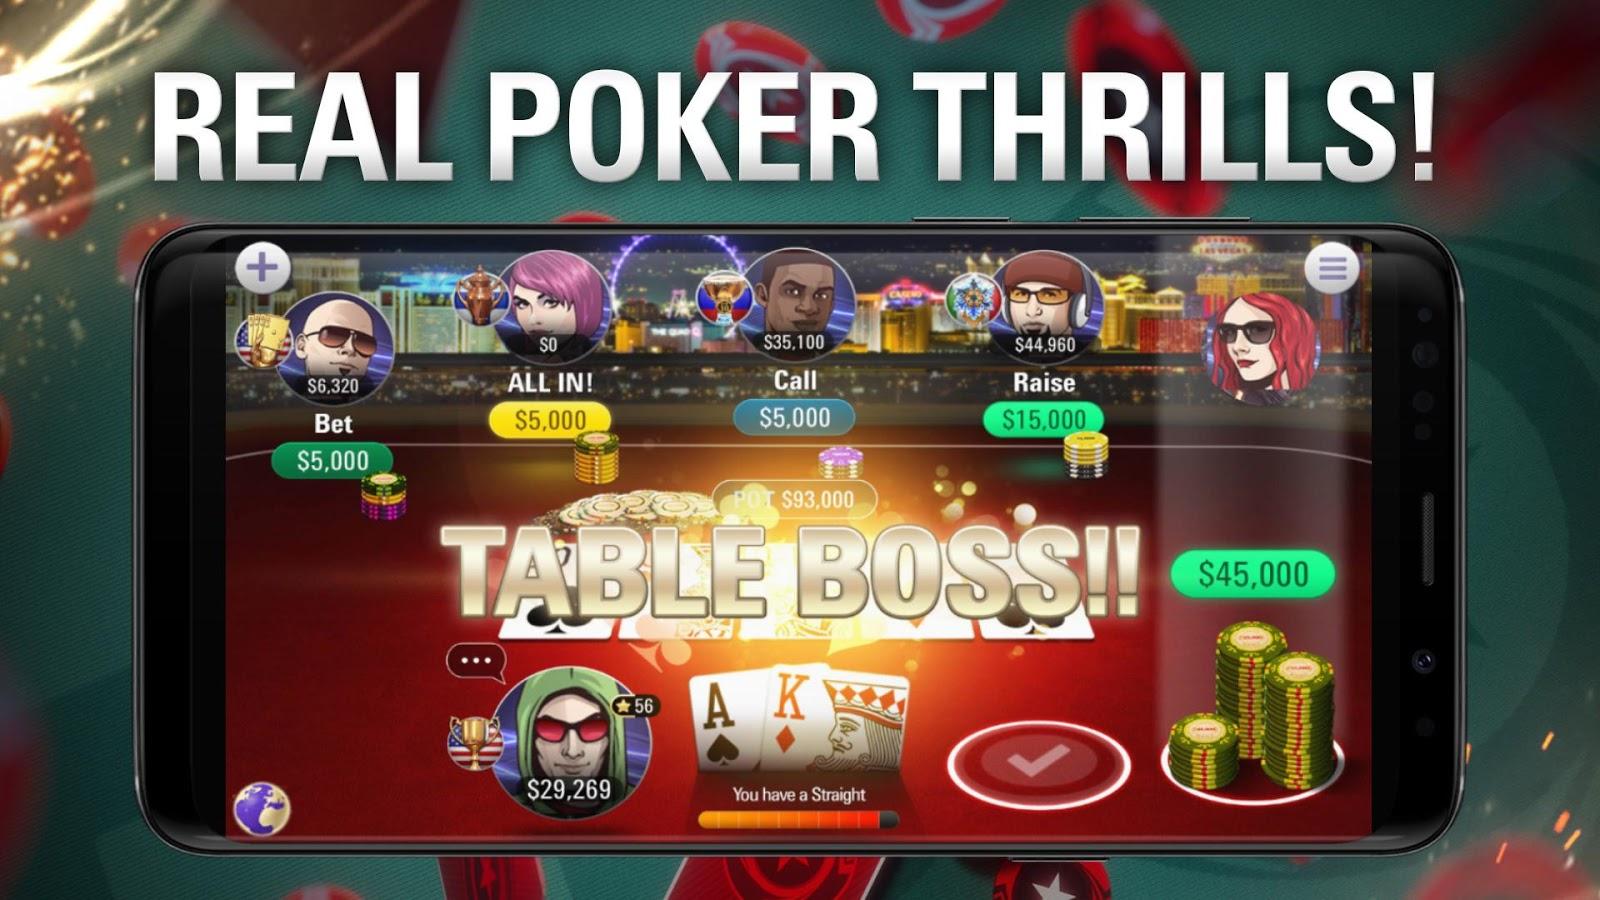 Pokerstars App Echtgeld Download 888 Bonus | Wiring ... on